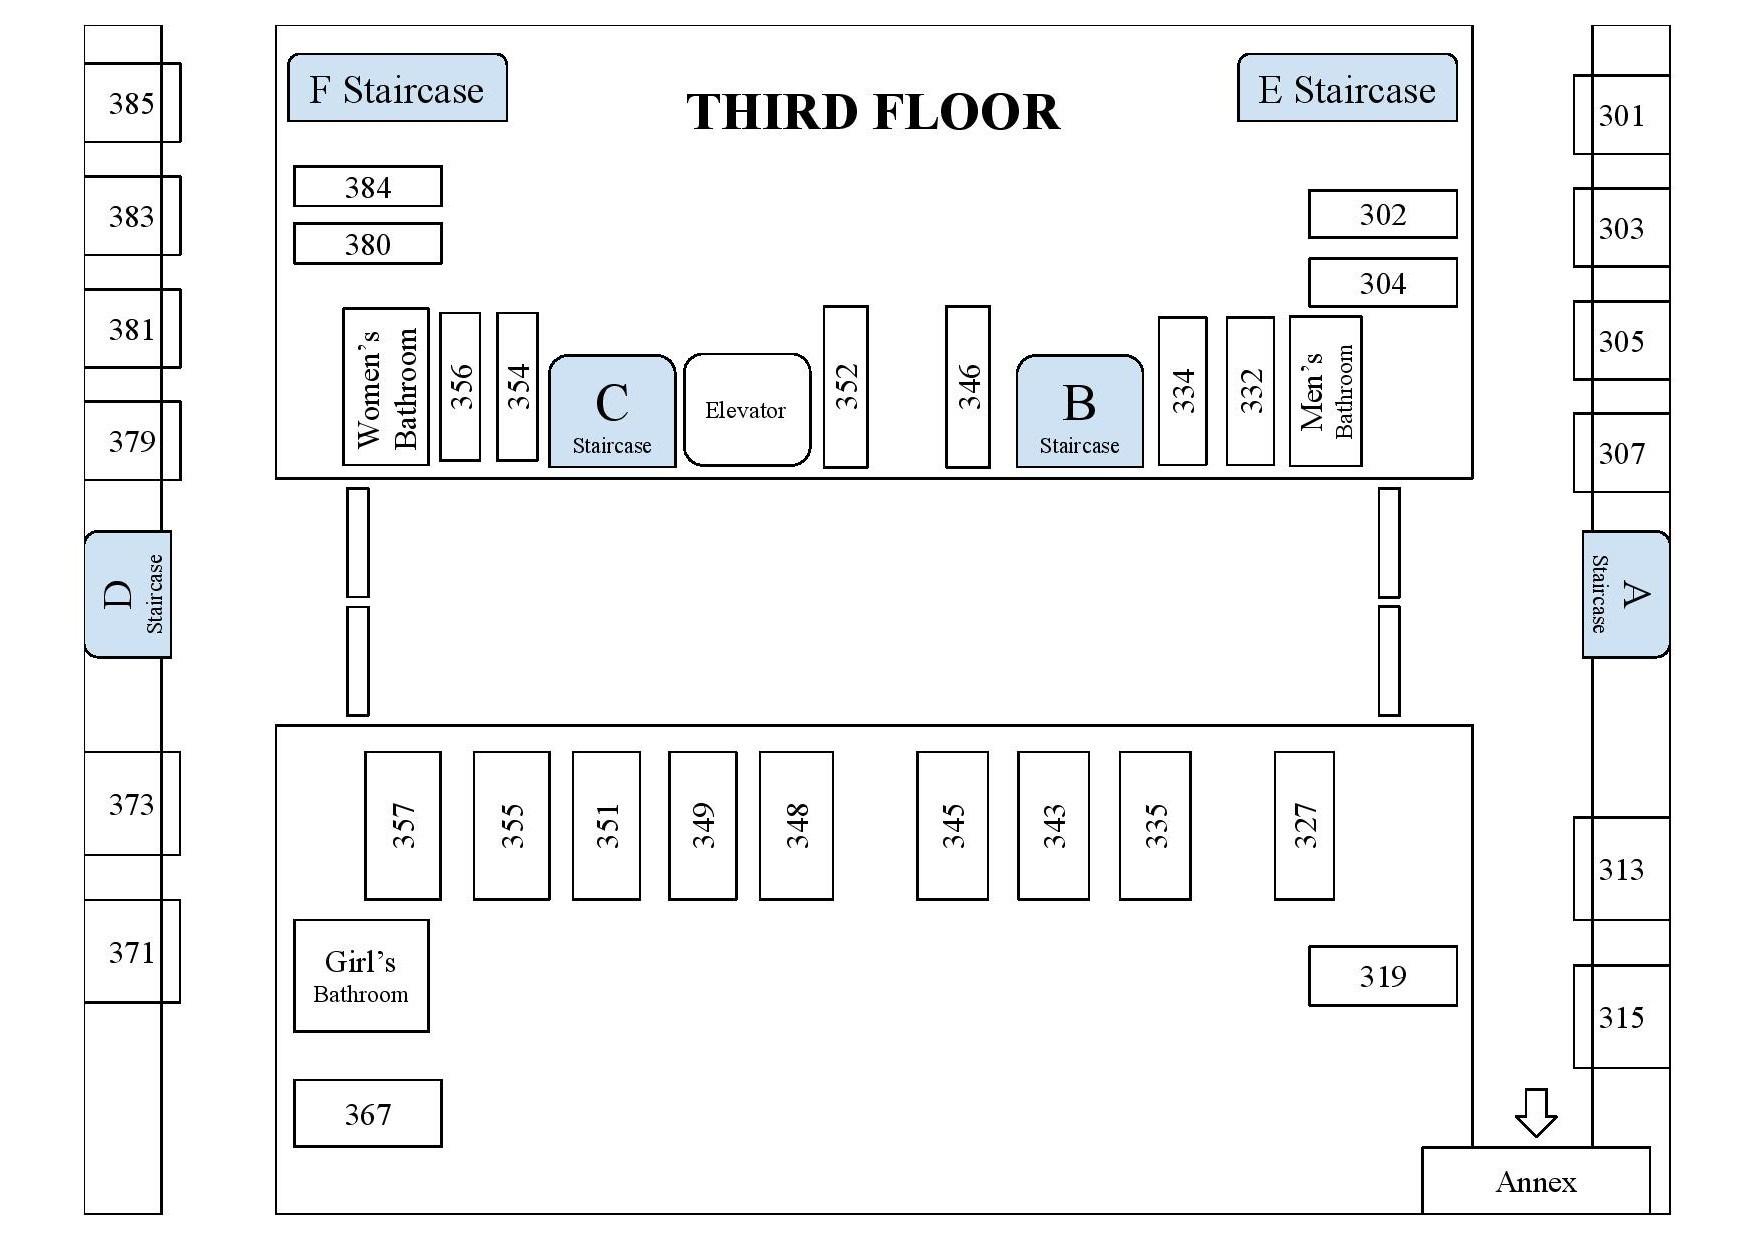 Campus Map- Third Floor